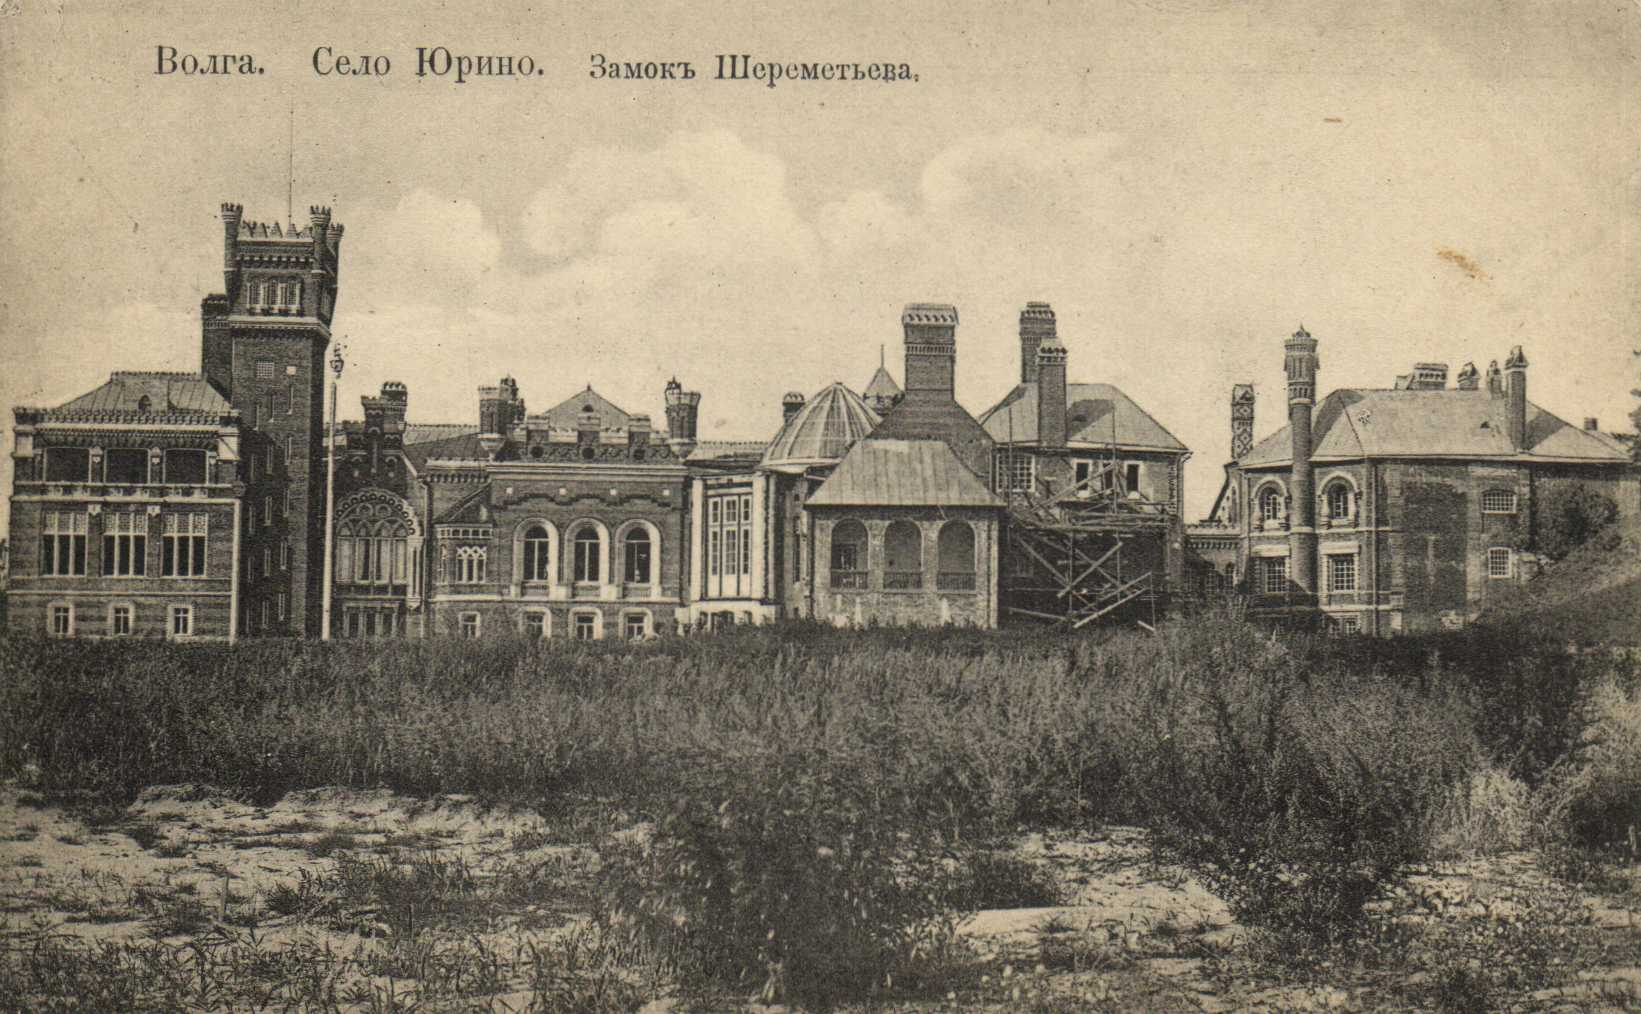 Шереметьевский замок в марий эл схема